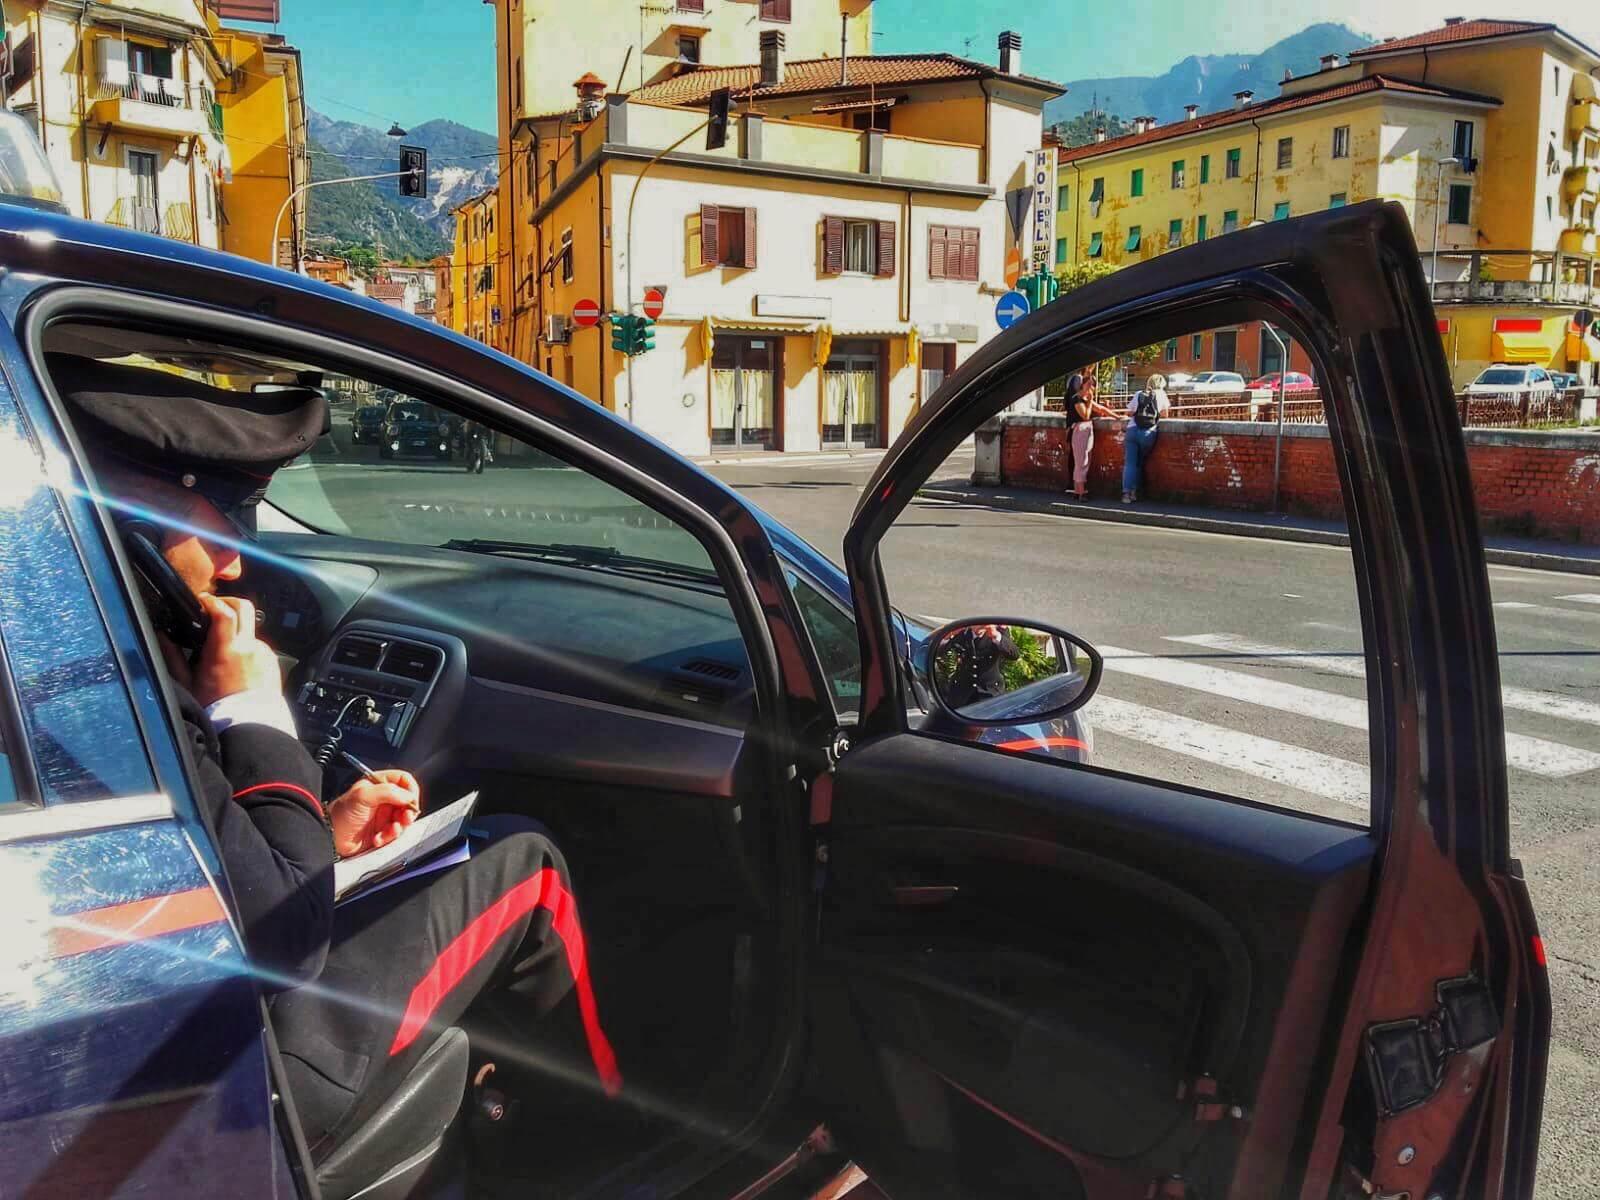 Continua il giro di vite dei Carabinieri di Carrara contro i fenomeni di criminalità e per la sicurezza dei cittadini